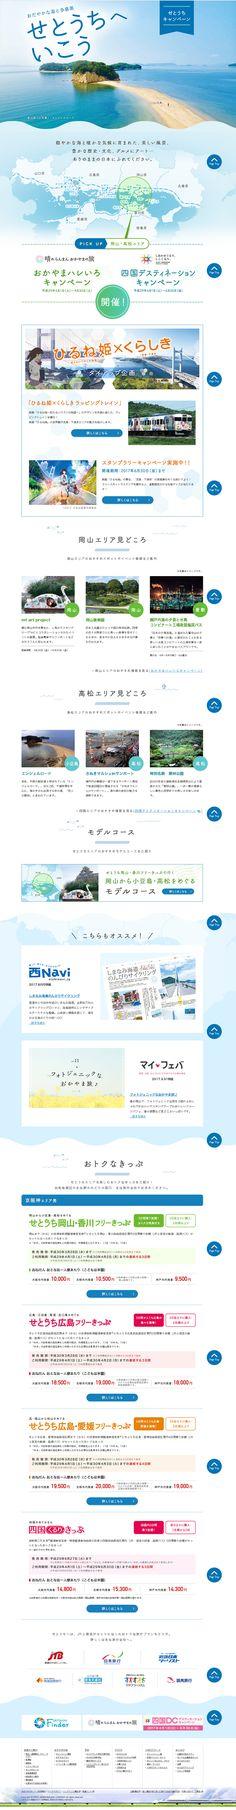 せとうちキャンペーン|WEBデザイナーさん必見!ランディングページのデザイン参考に(かわいい系)